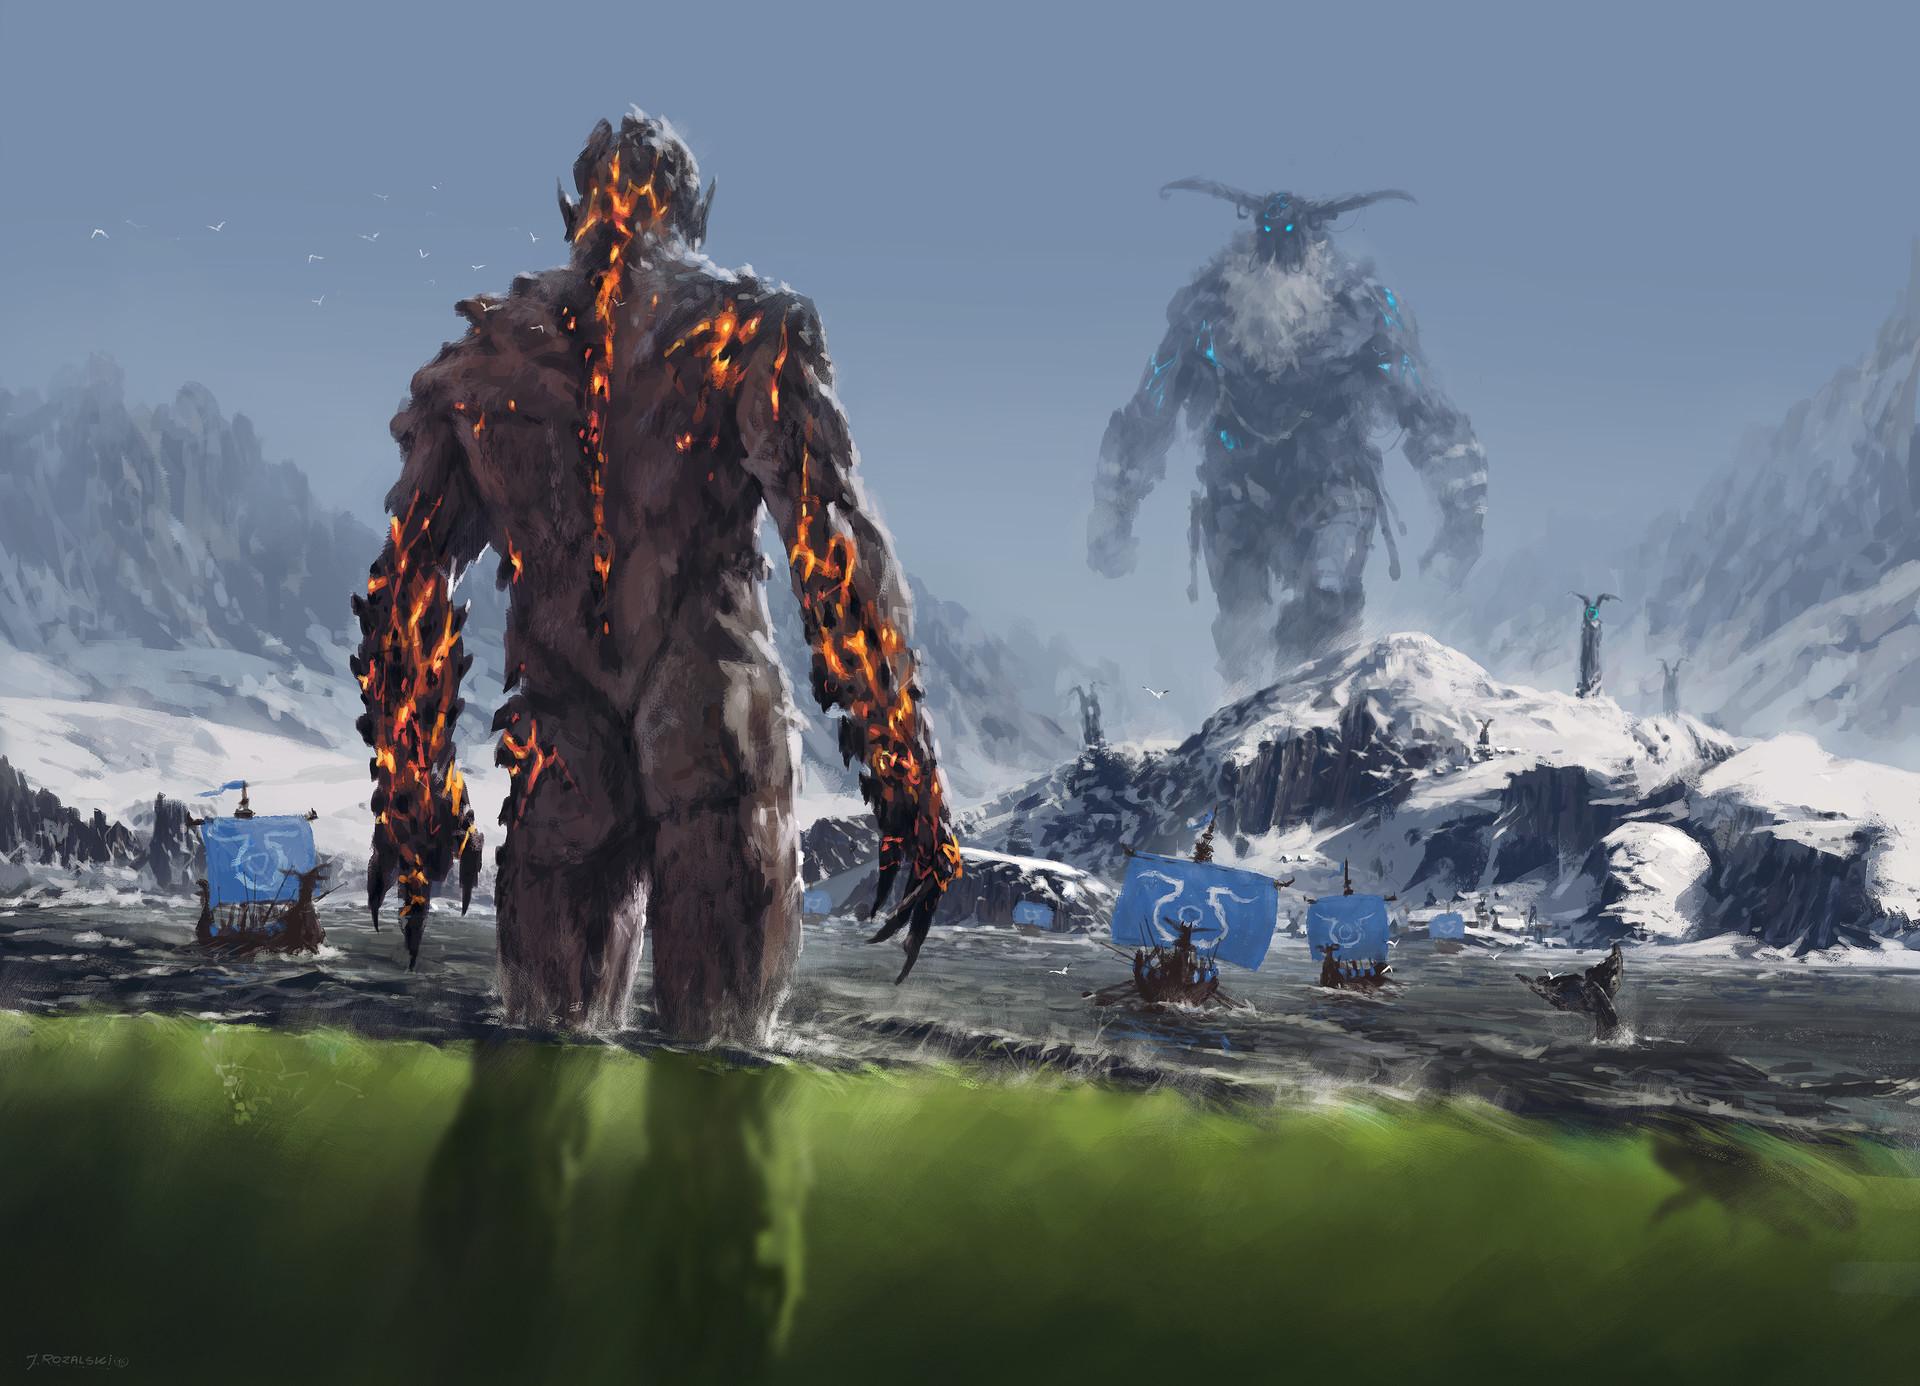 Fantasy Art Giant Monsters